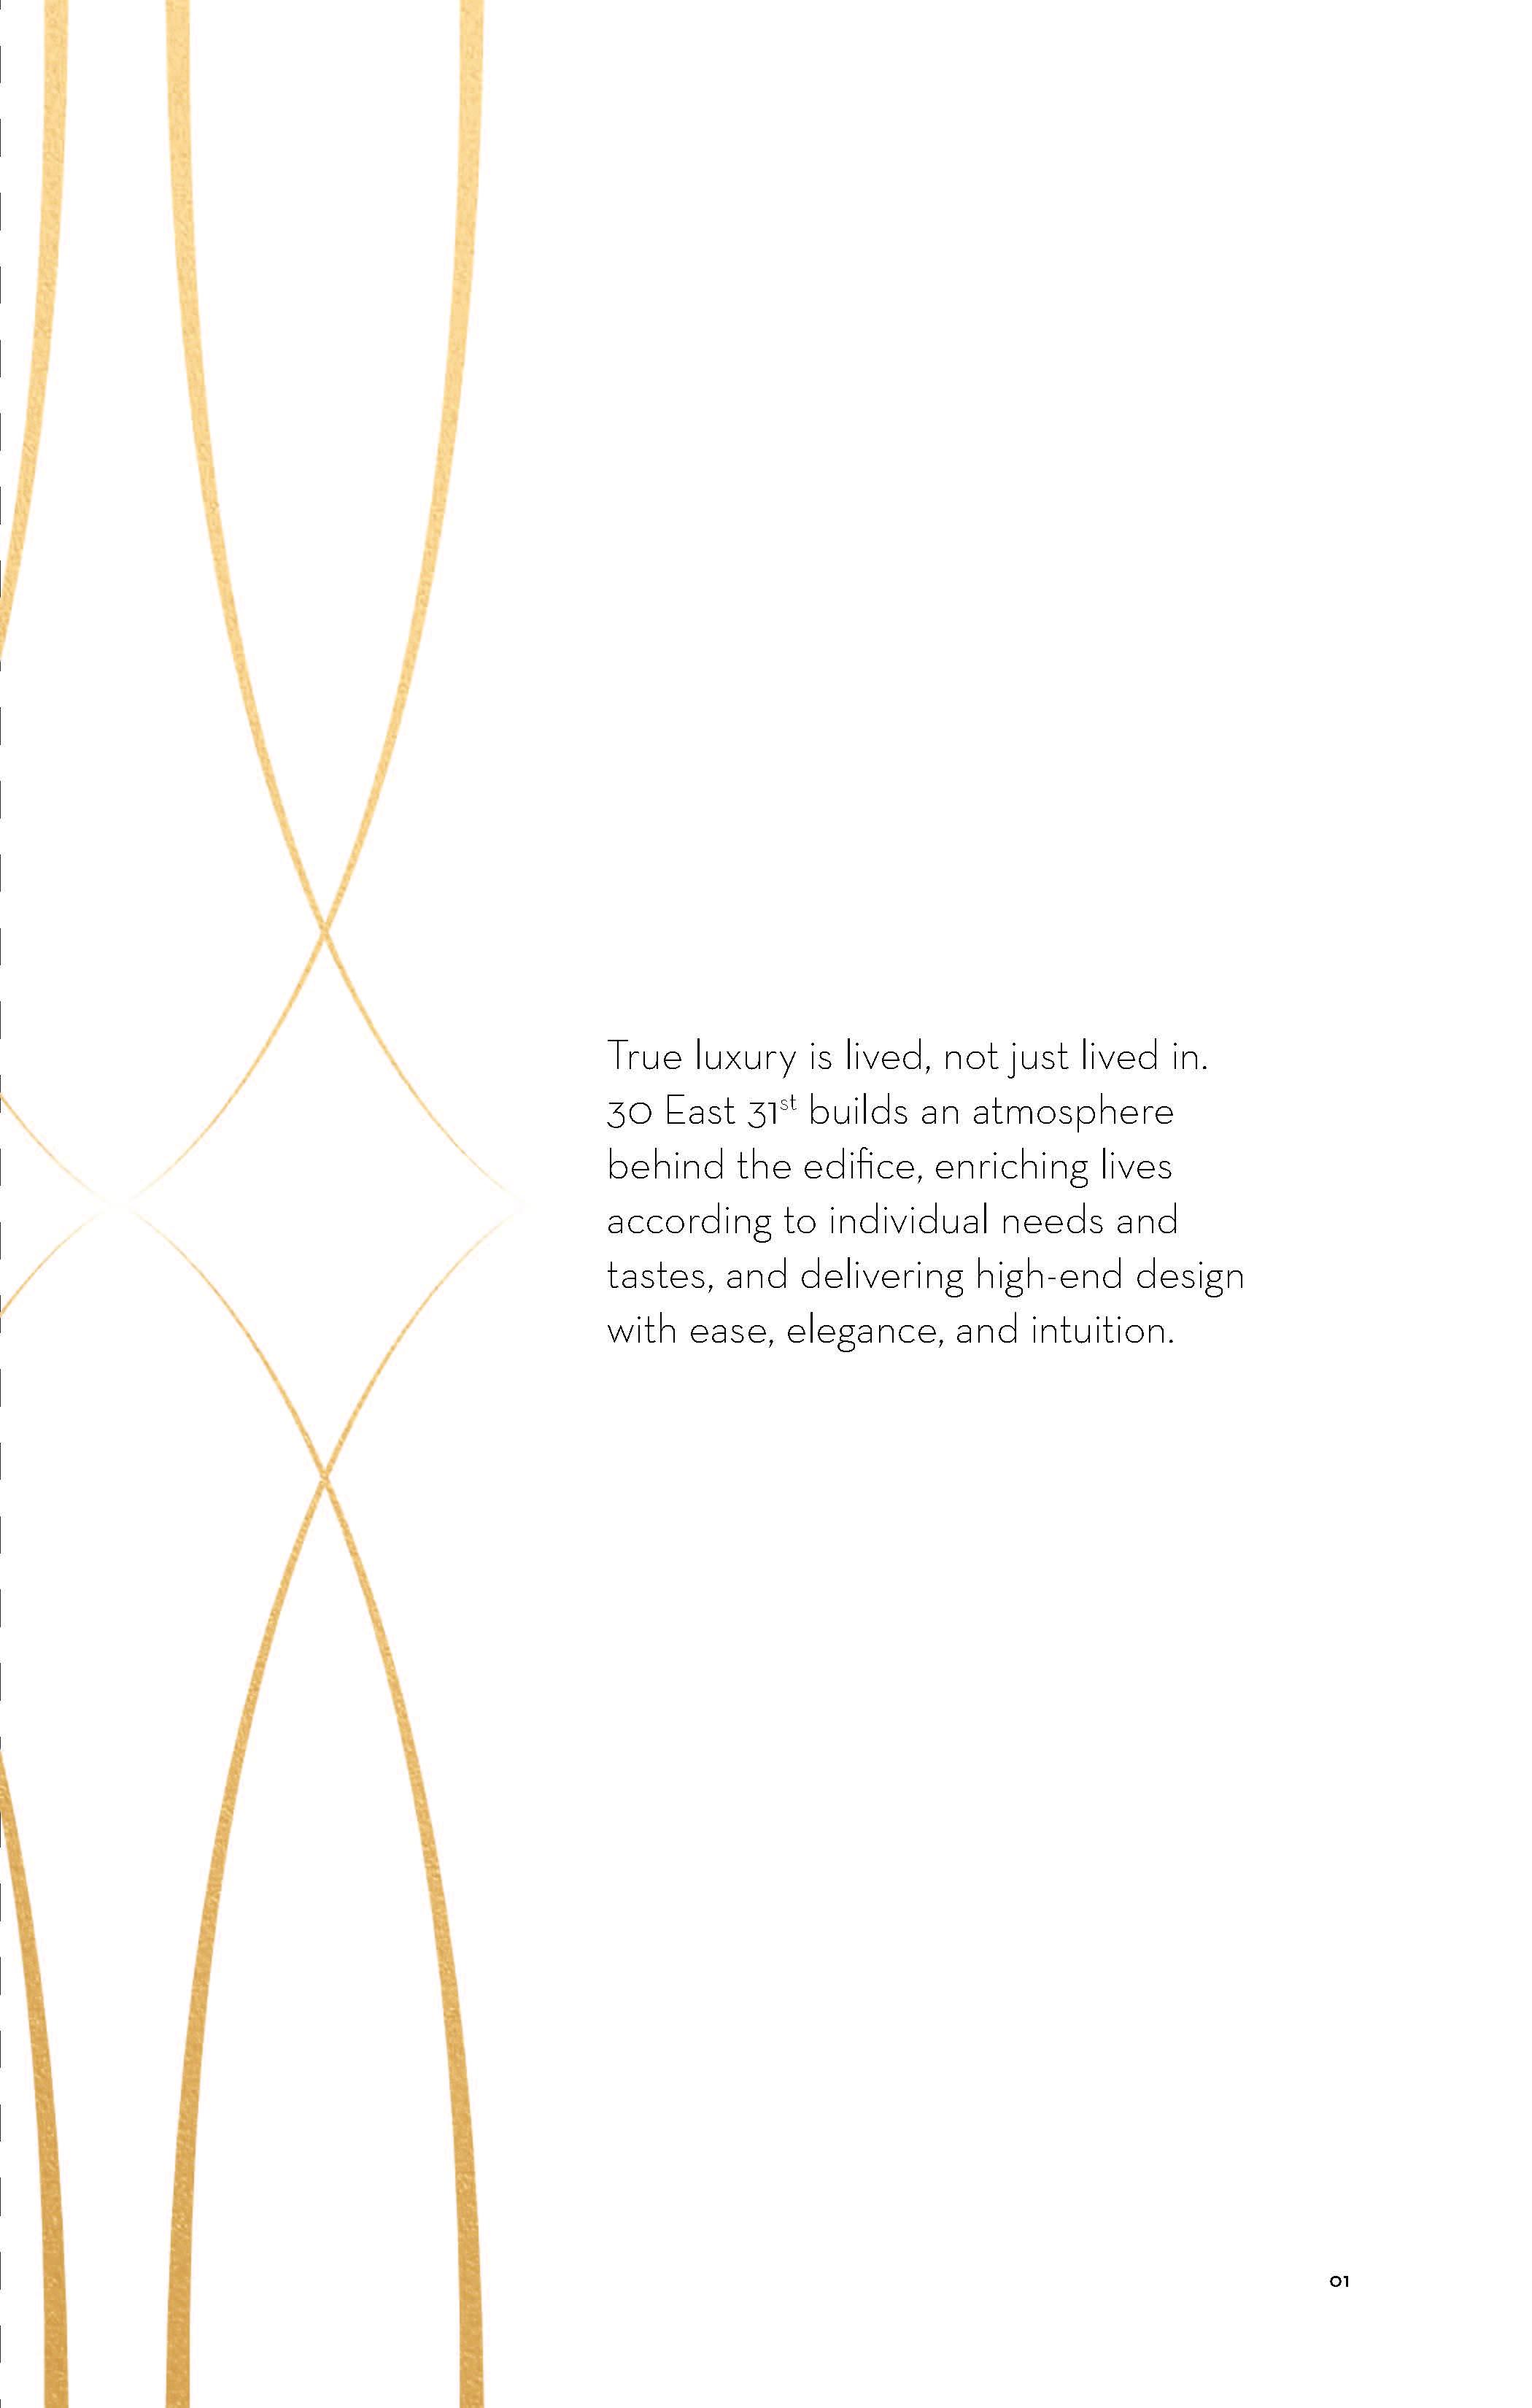 030617_3031_Brochure_V13 copy_Page_03.jpg